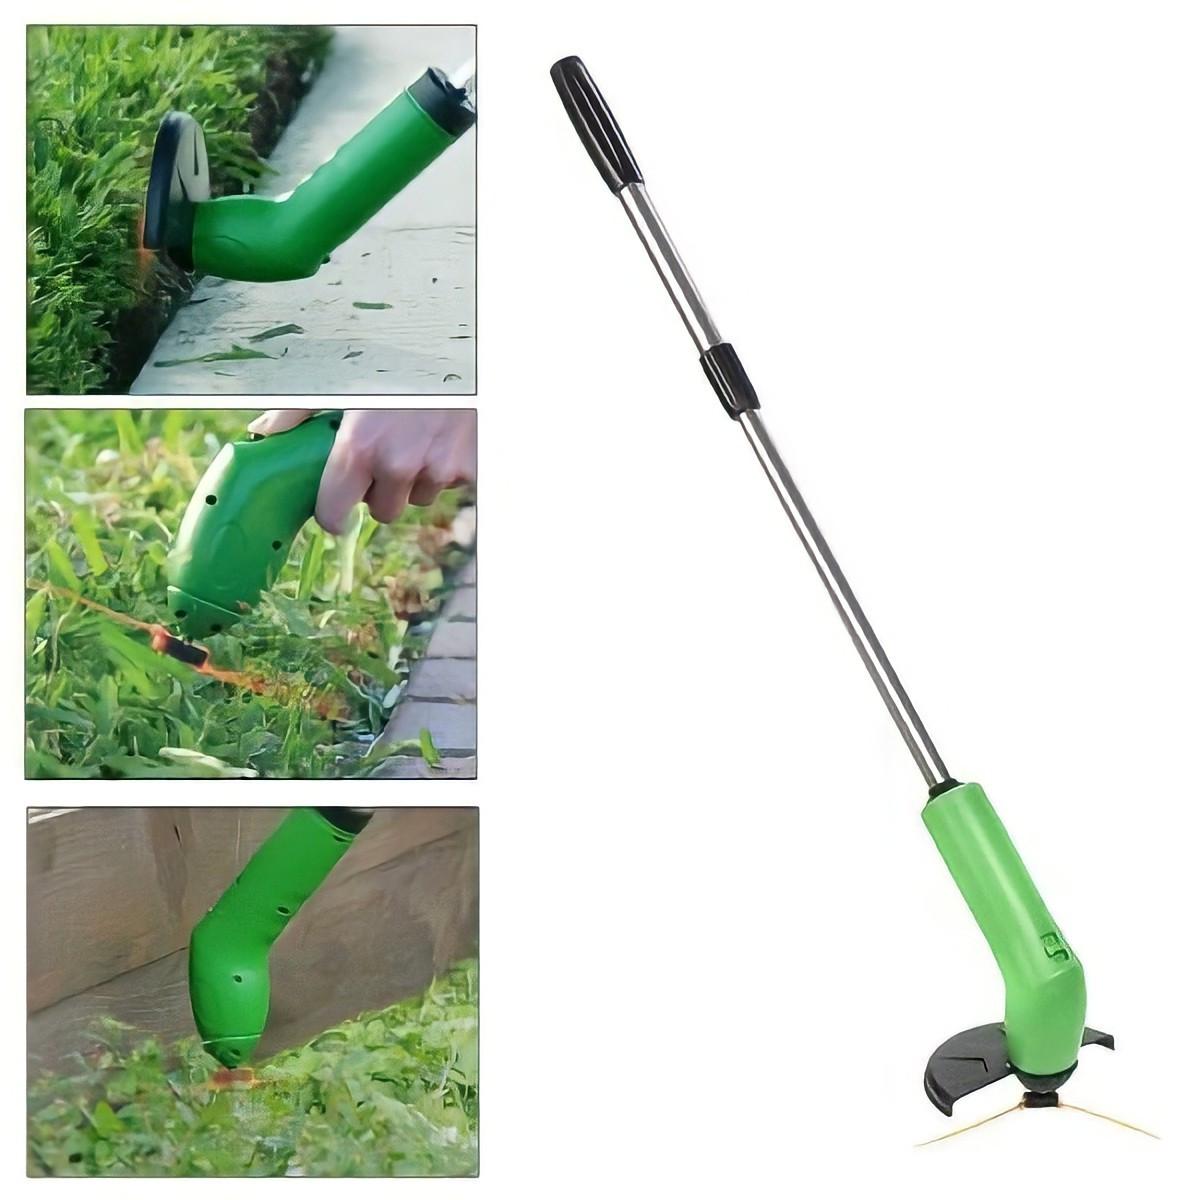 Ручна бездротова газонокосарка Zip Trim   Бездротовий тример акумуляторний для трави Zip Trim